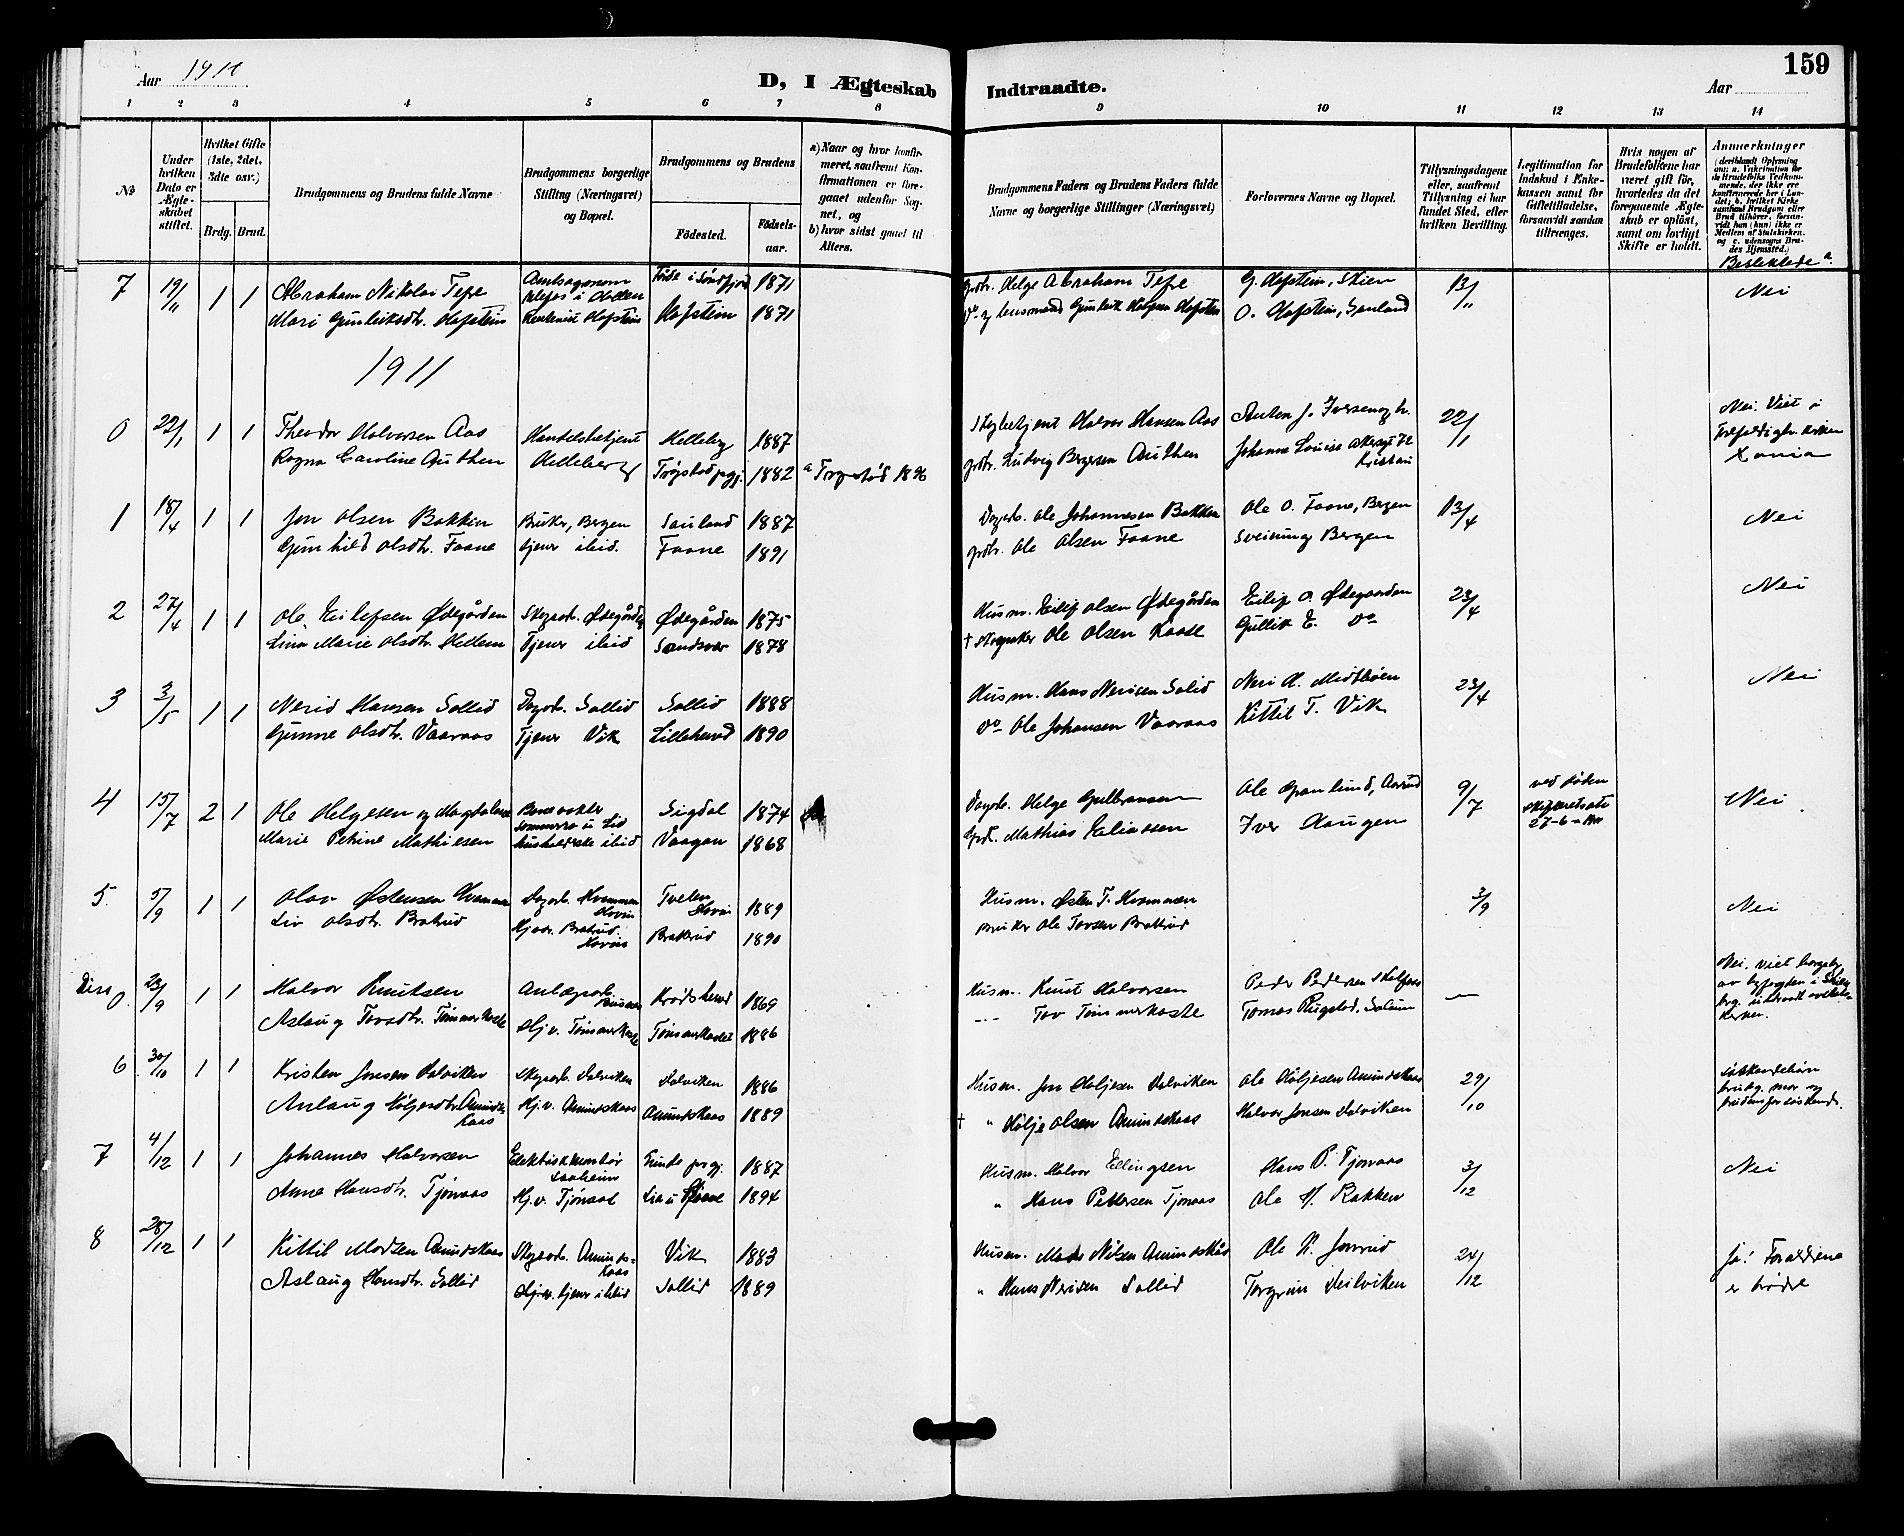 SAKO, Gransherad kirkebøker, G/Ga/L0003: Klokkerbok nr. I 3, 1887-1915, s. 159